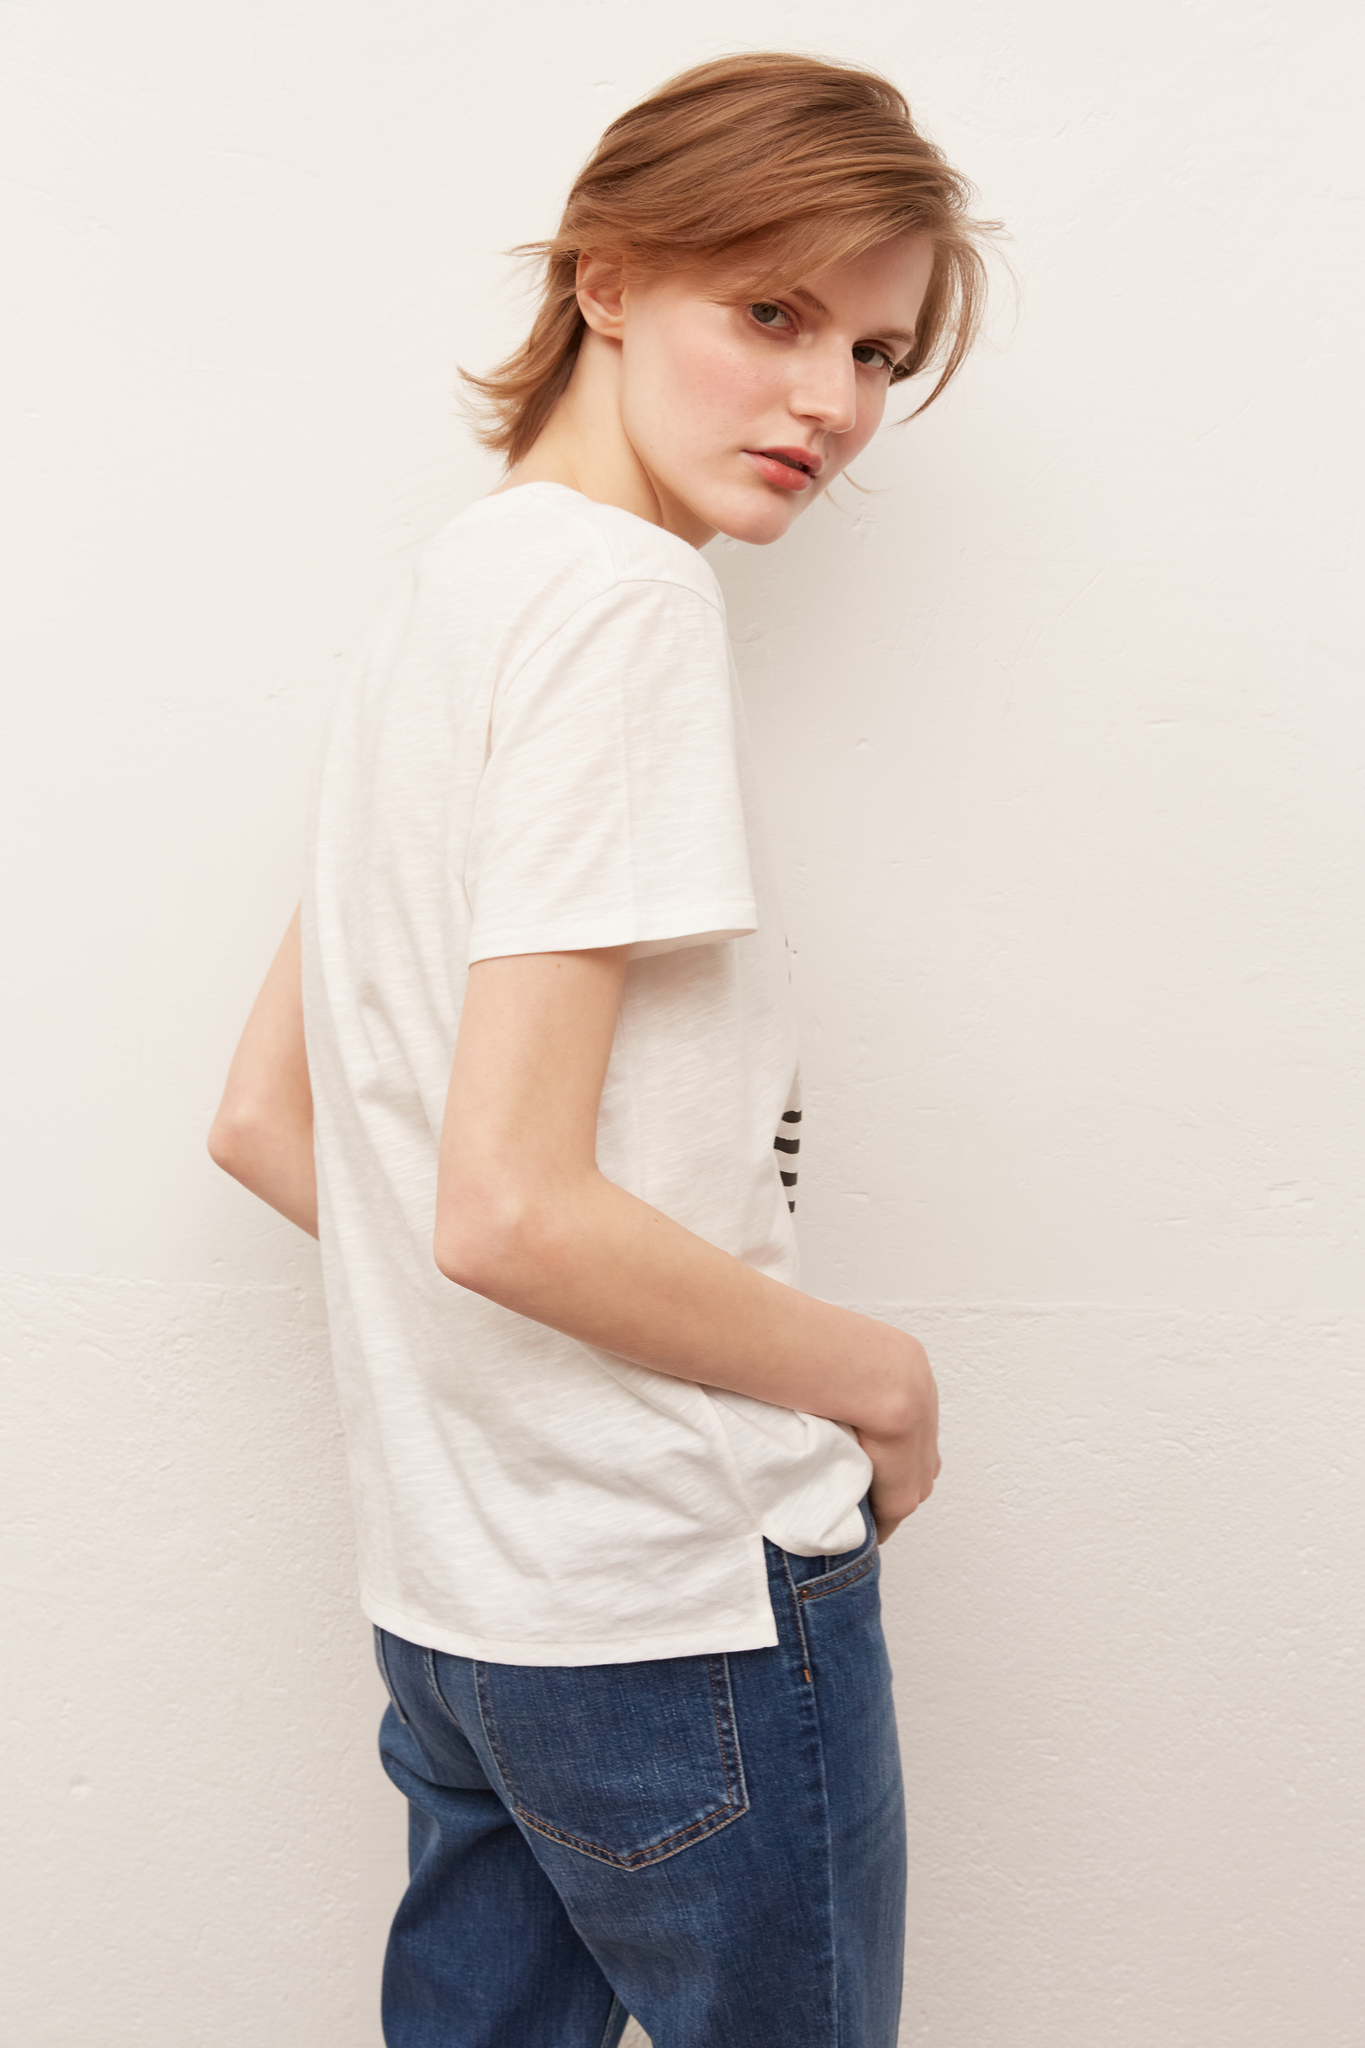 JOSHUA - Хлопковая футболка с вышитыми сердечками